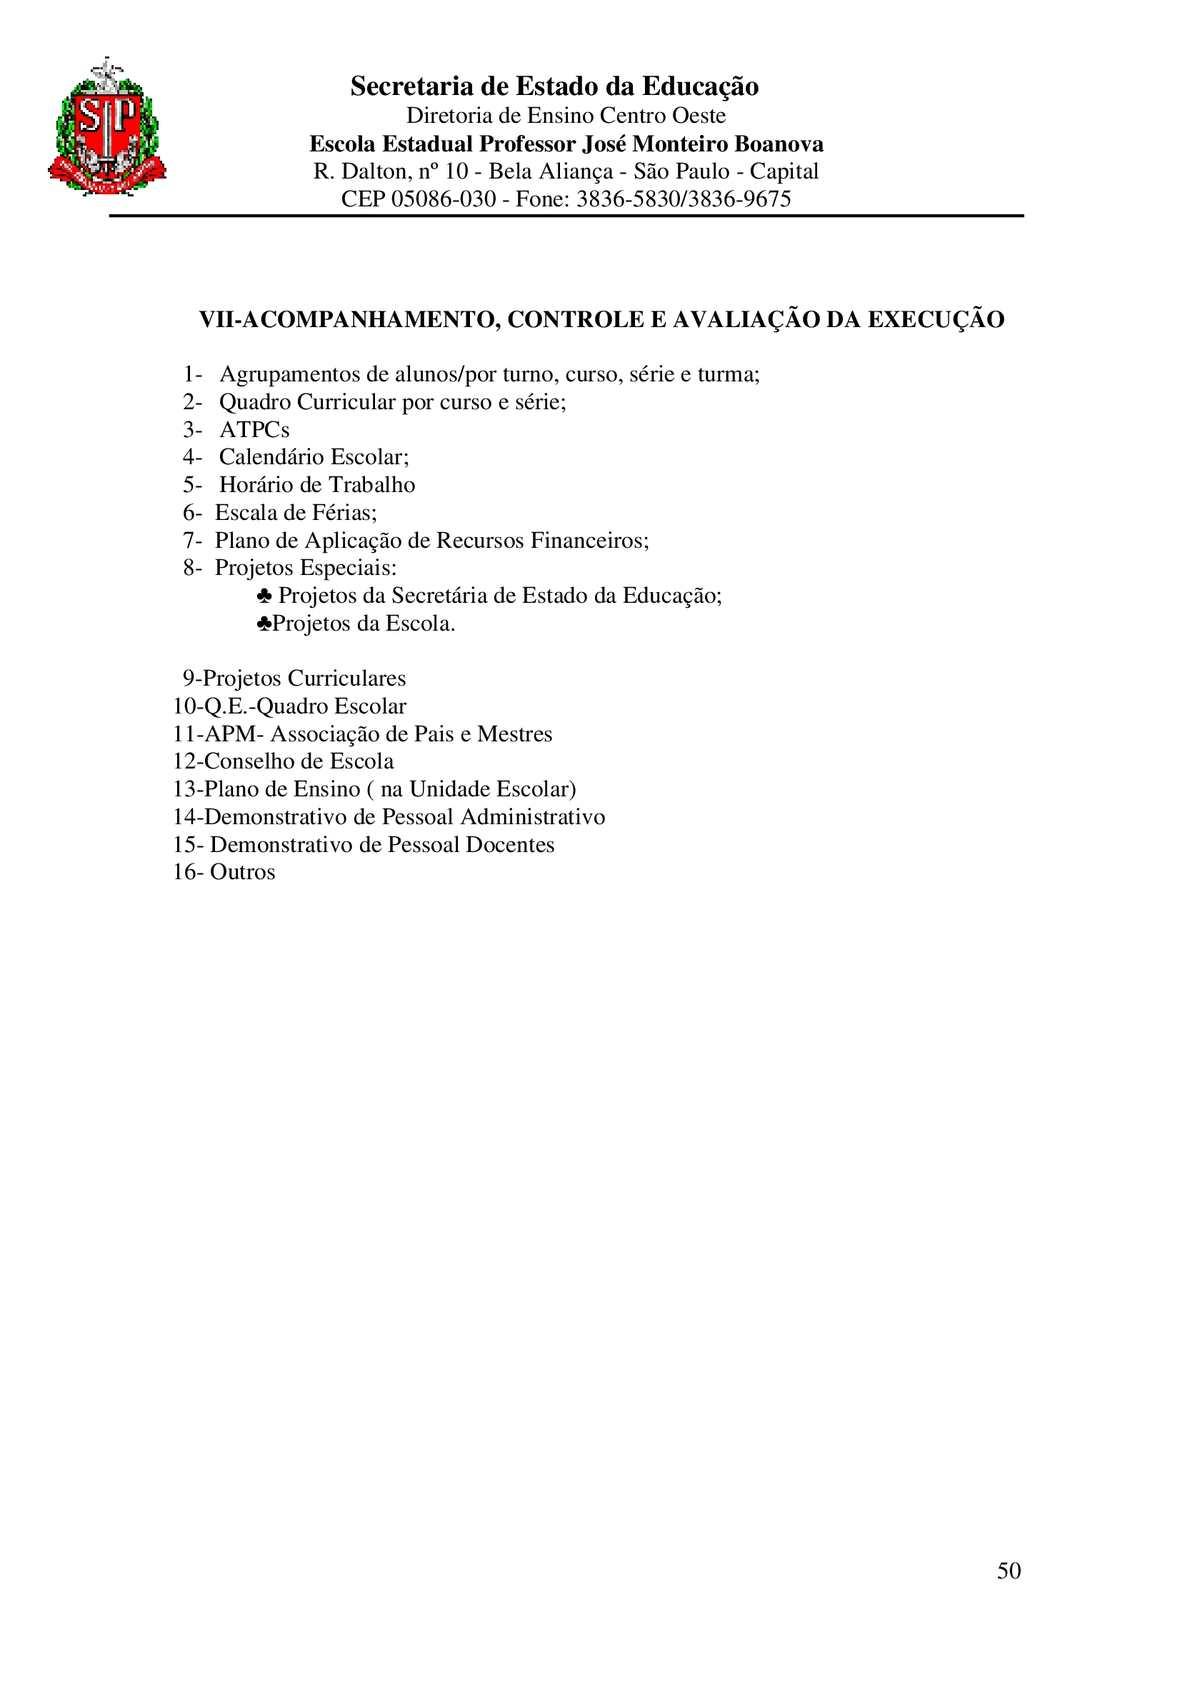 Calendario Serie A Download.Ee Jose Monteiro Boanova Calameo Downloader